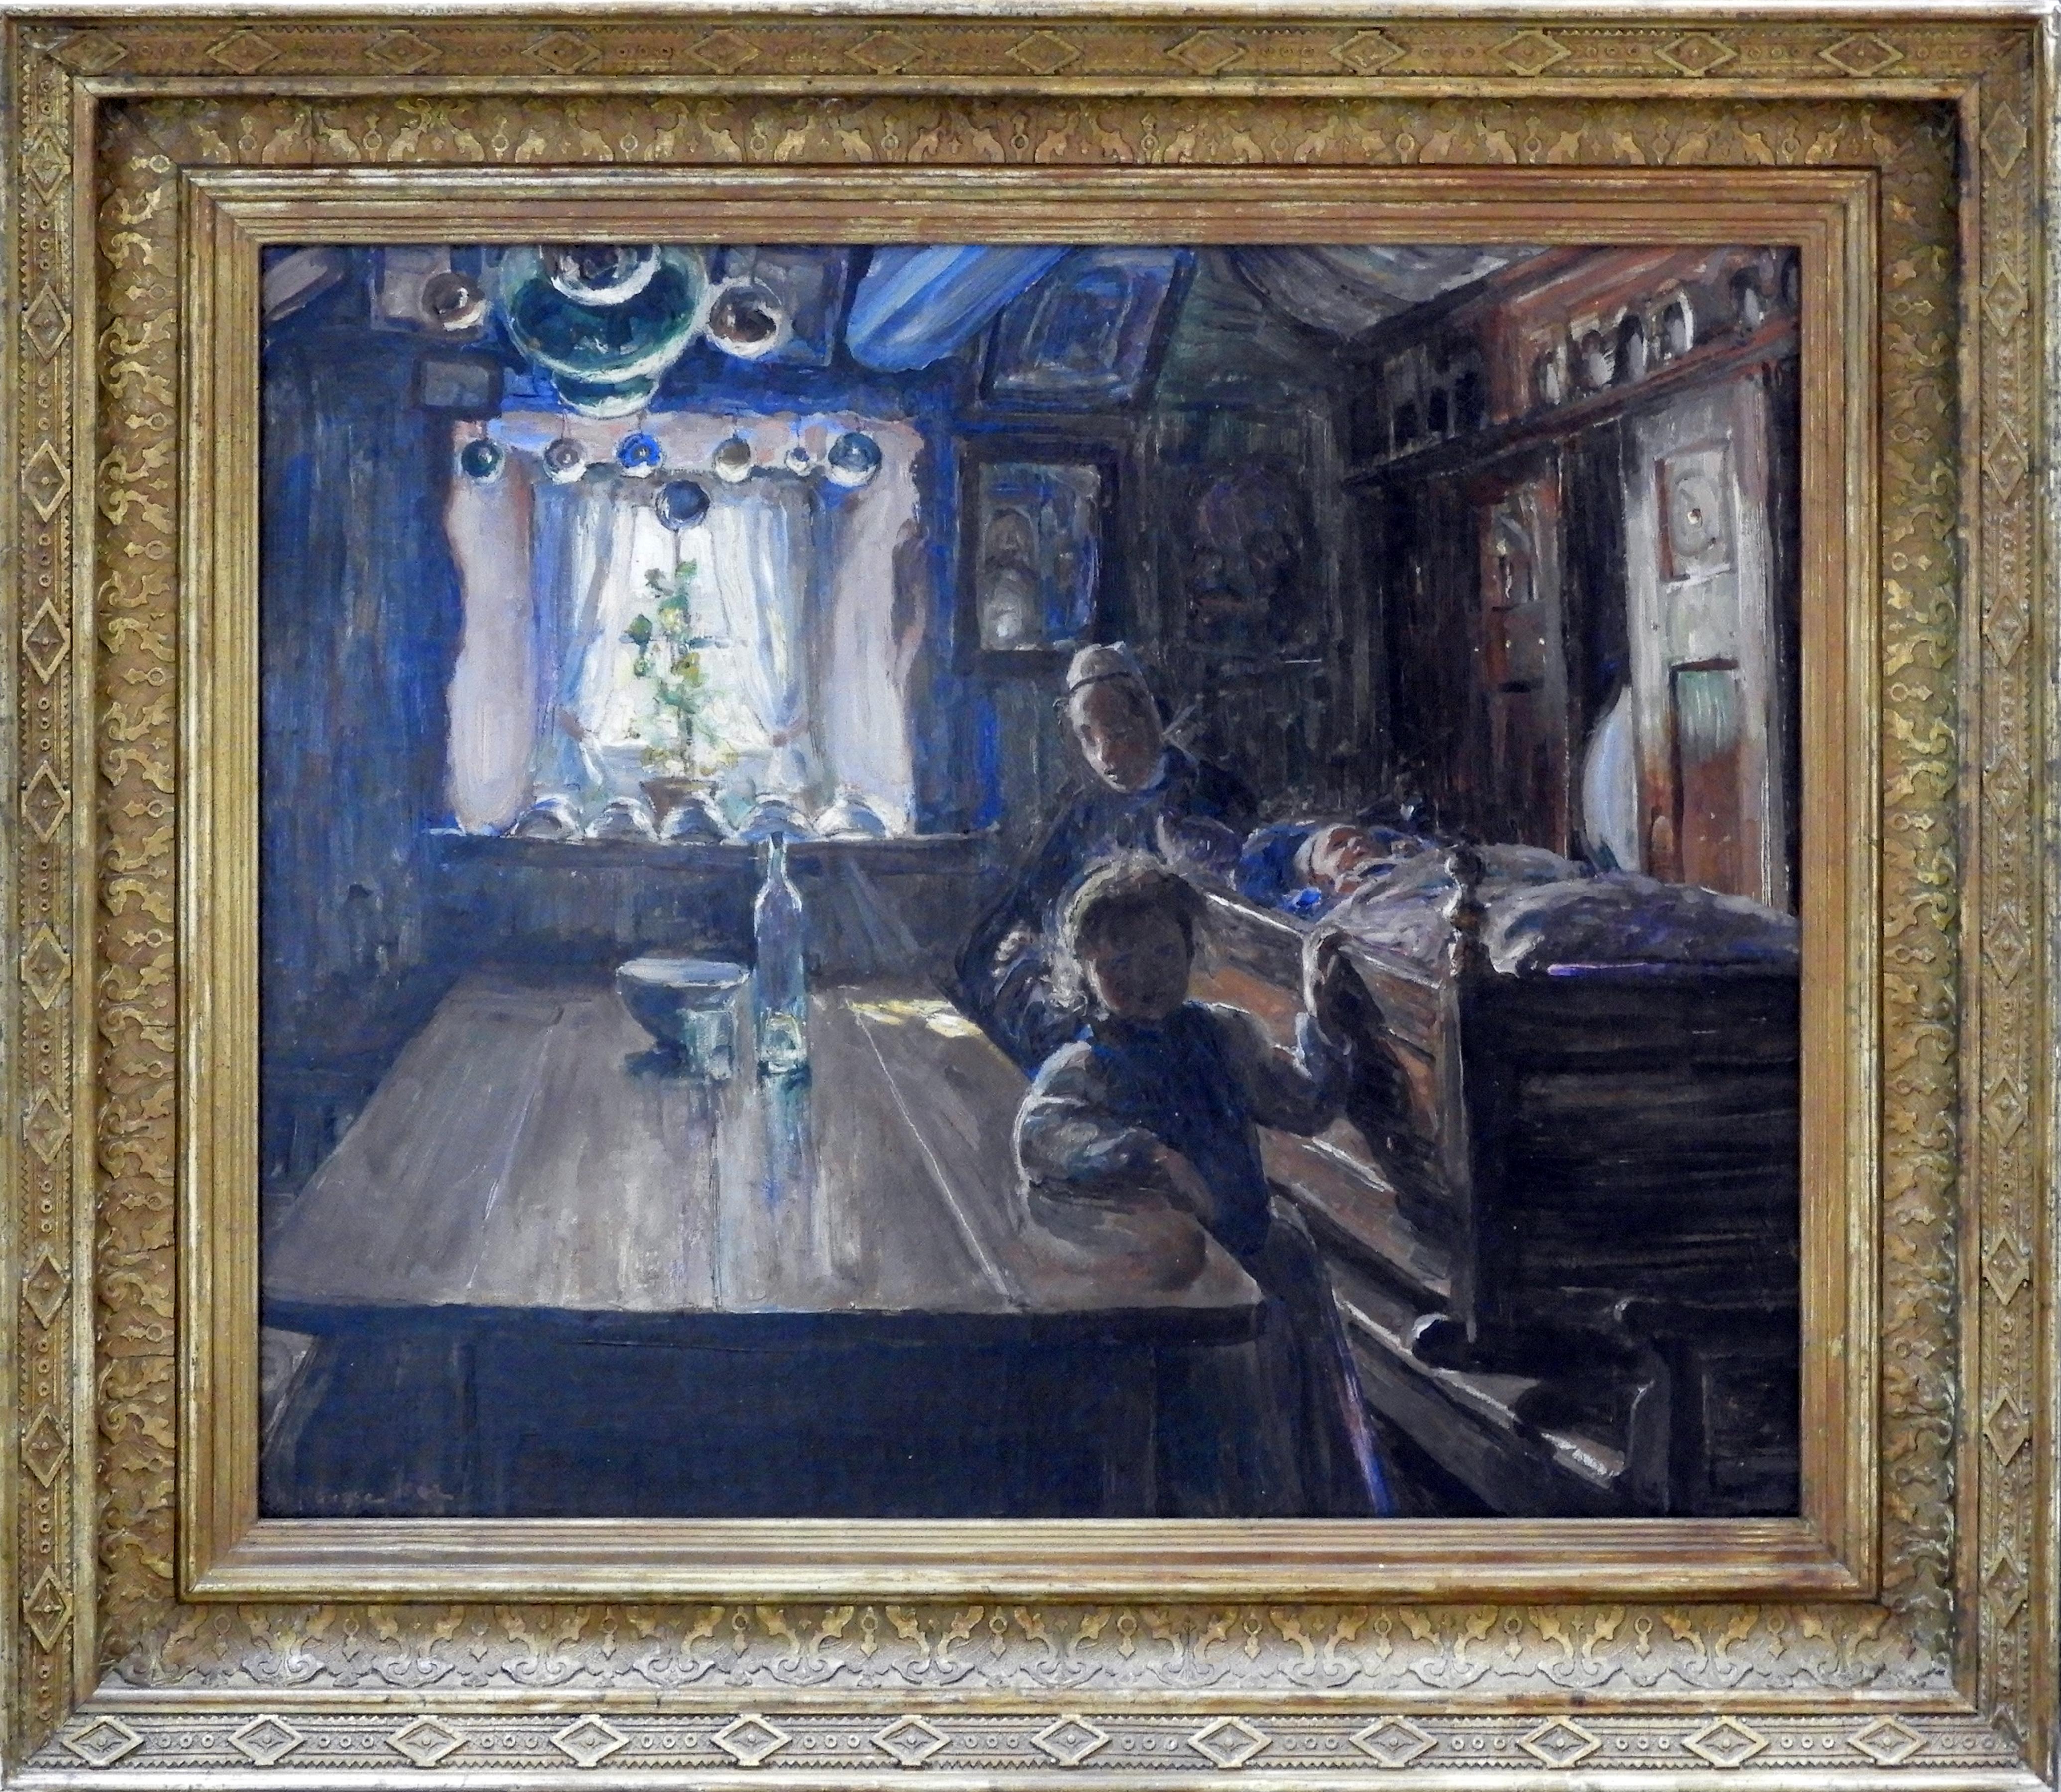 Elizabeth Nourse | INTERIEUR BRETON A PENMARCH | oil on canvas |